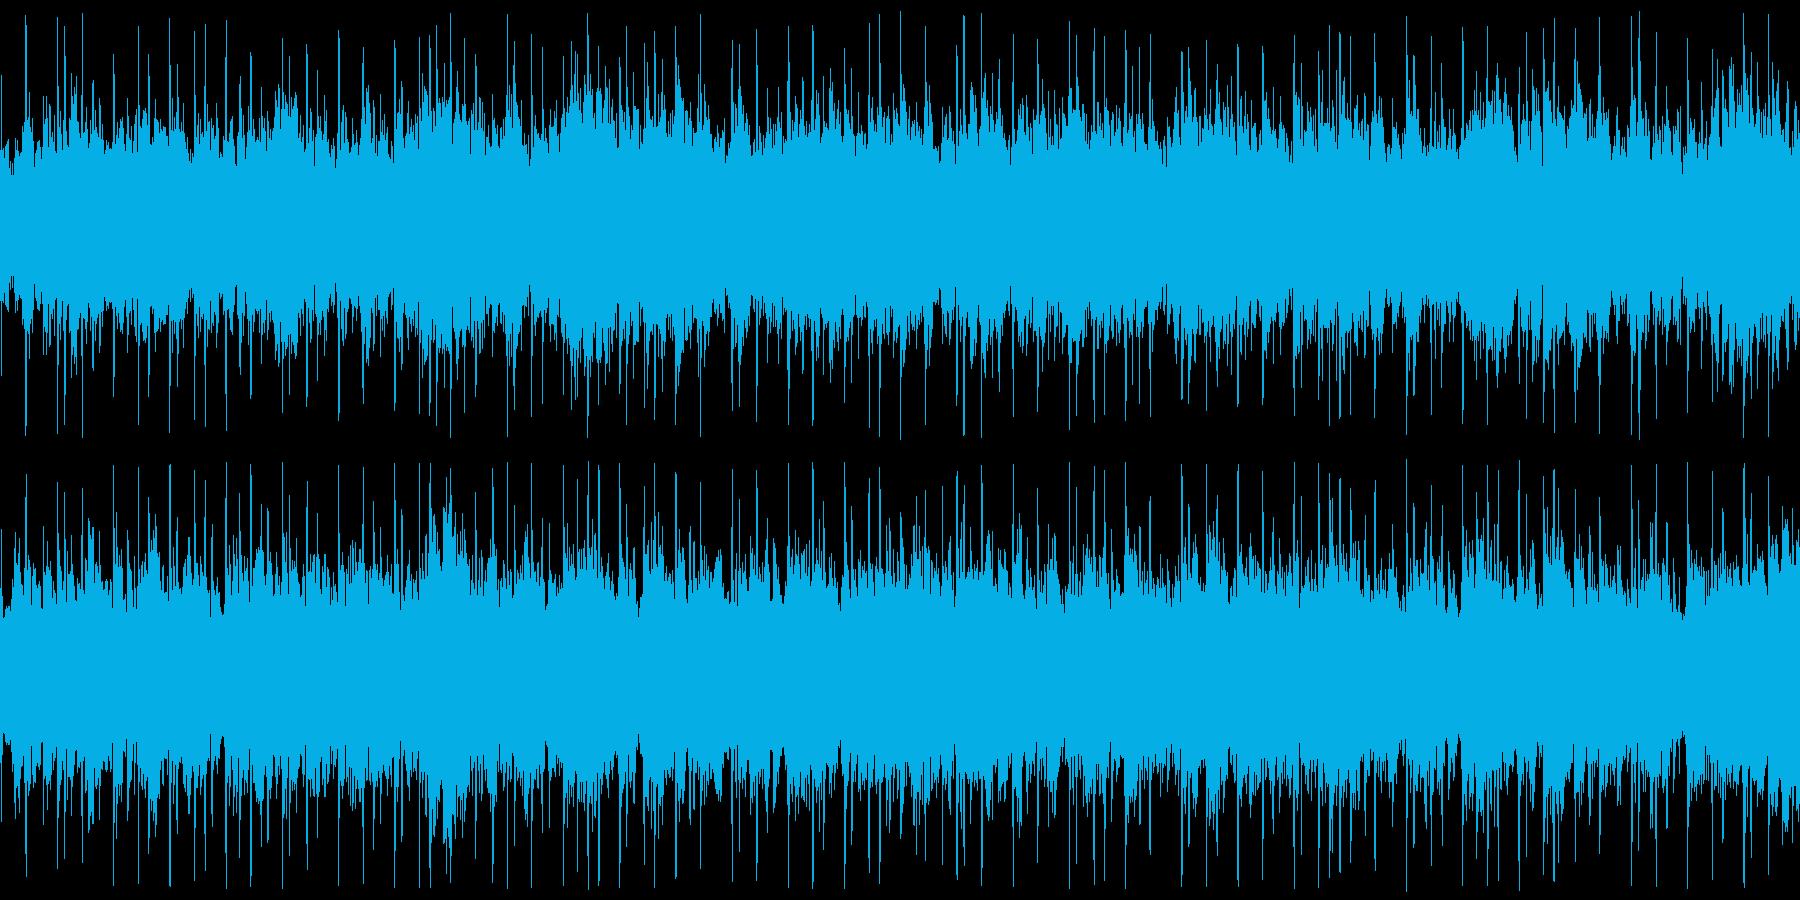 【ベース抜き】浮遊感、宇宙感のあるテクノの再生済みの波形